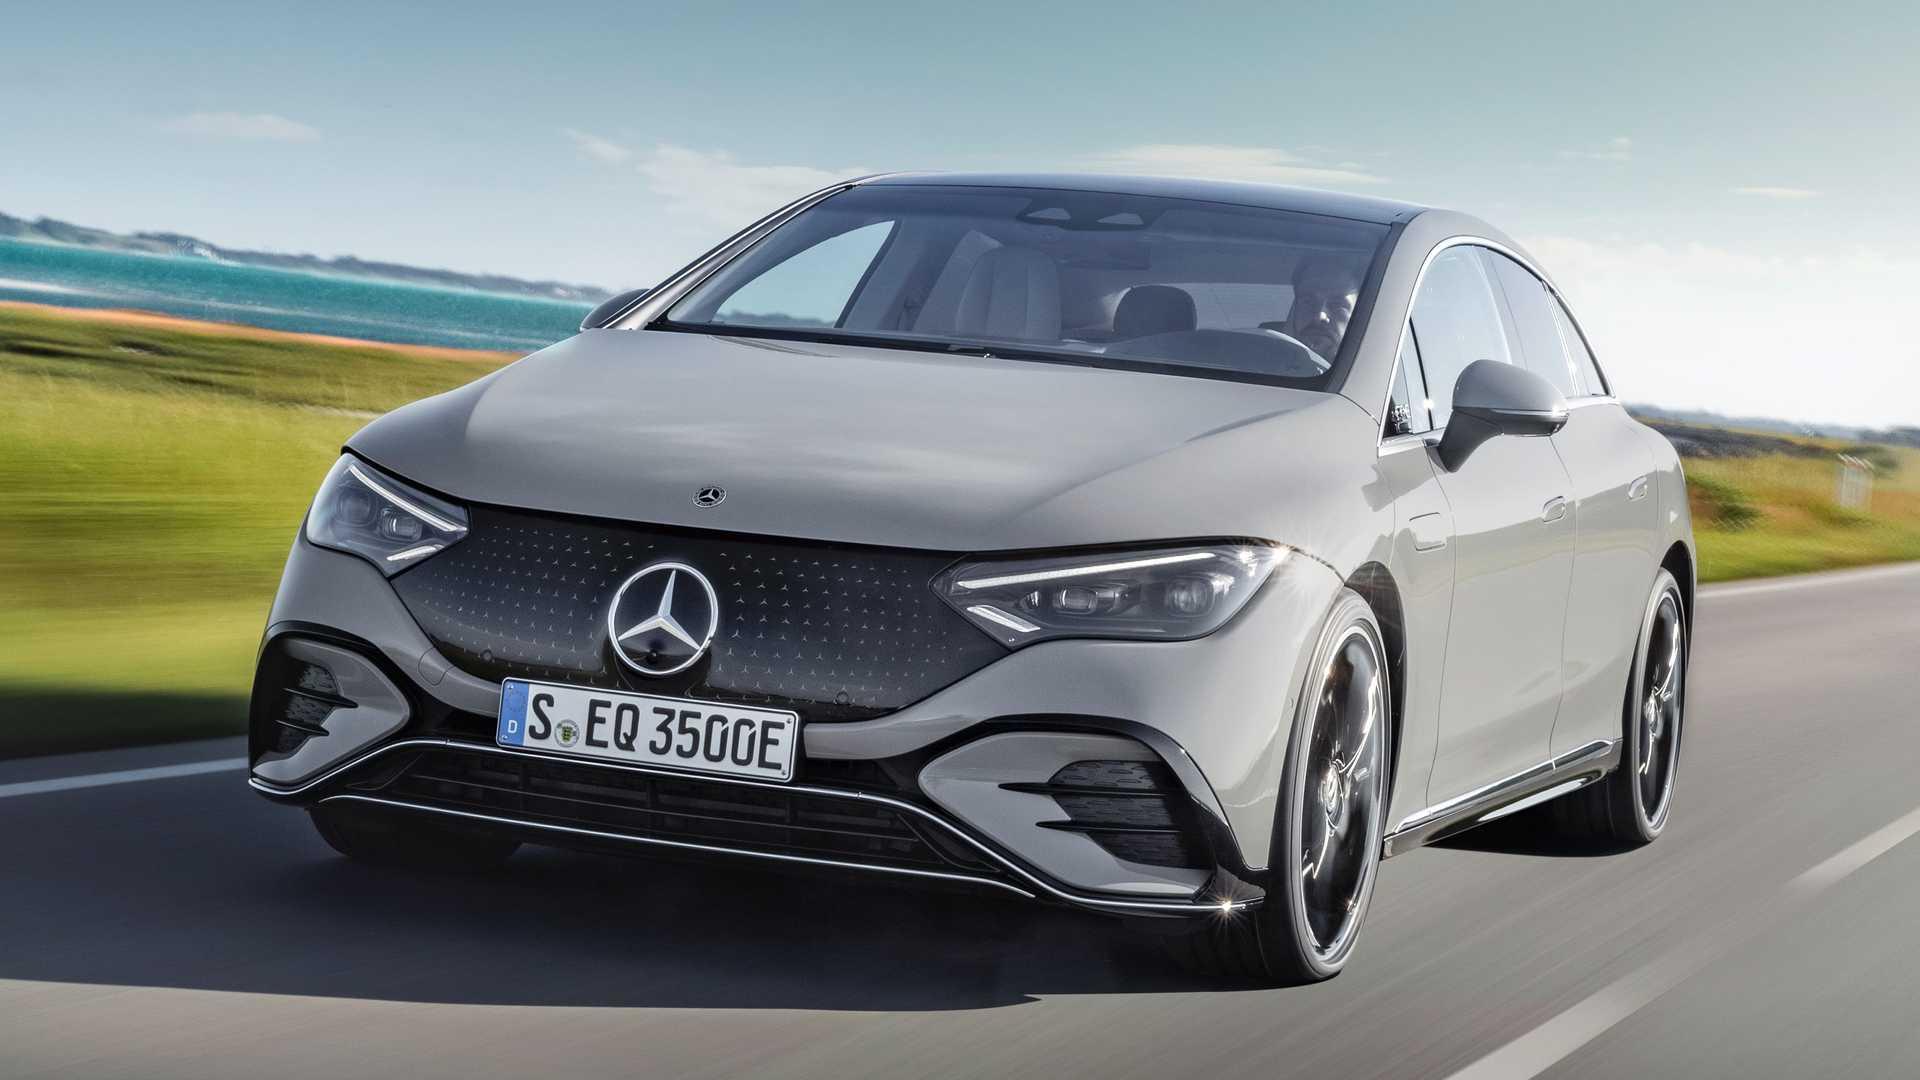 Компания Mercedes-Benz представила свой ответ на Porsche Taycan, Tesla Model S, Audi e-tron GT, BMW i4 и Lucid Air.